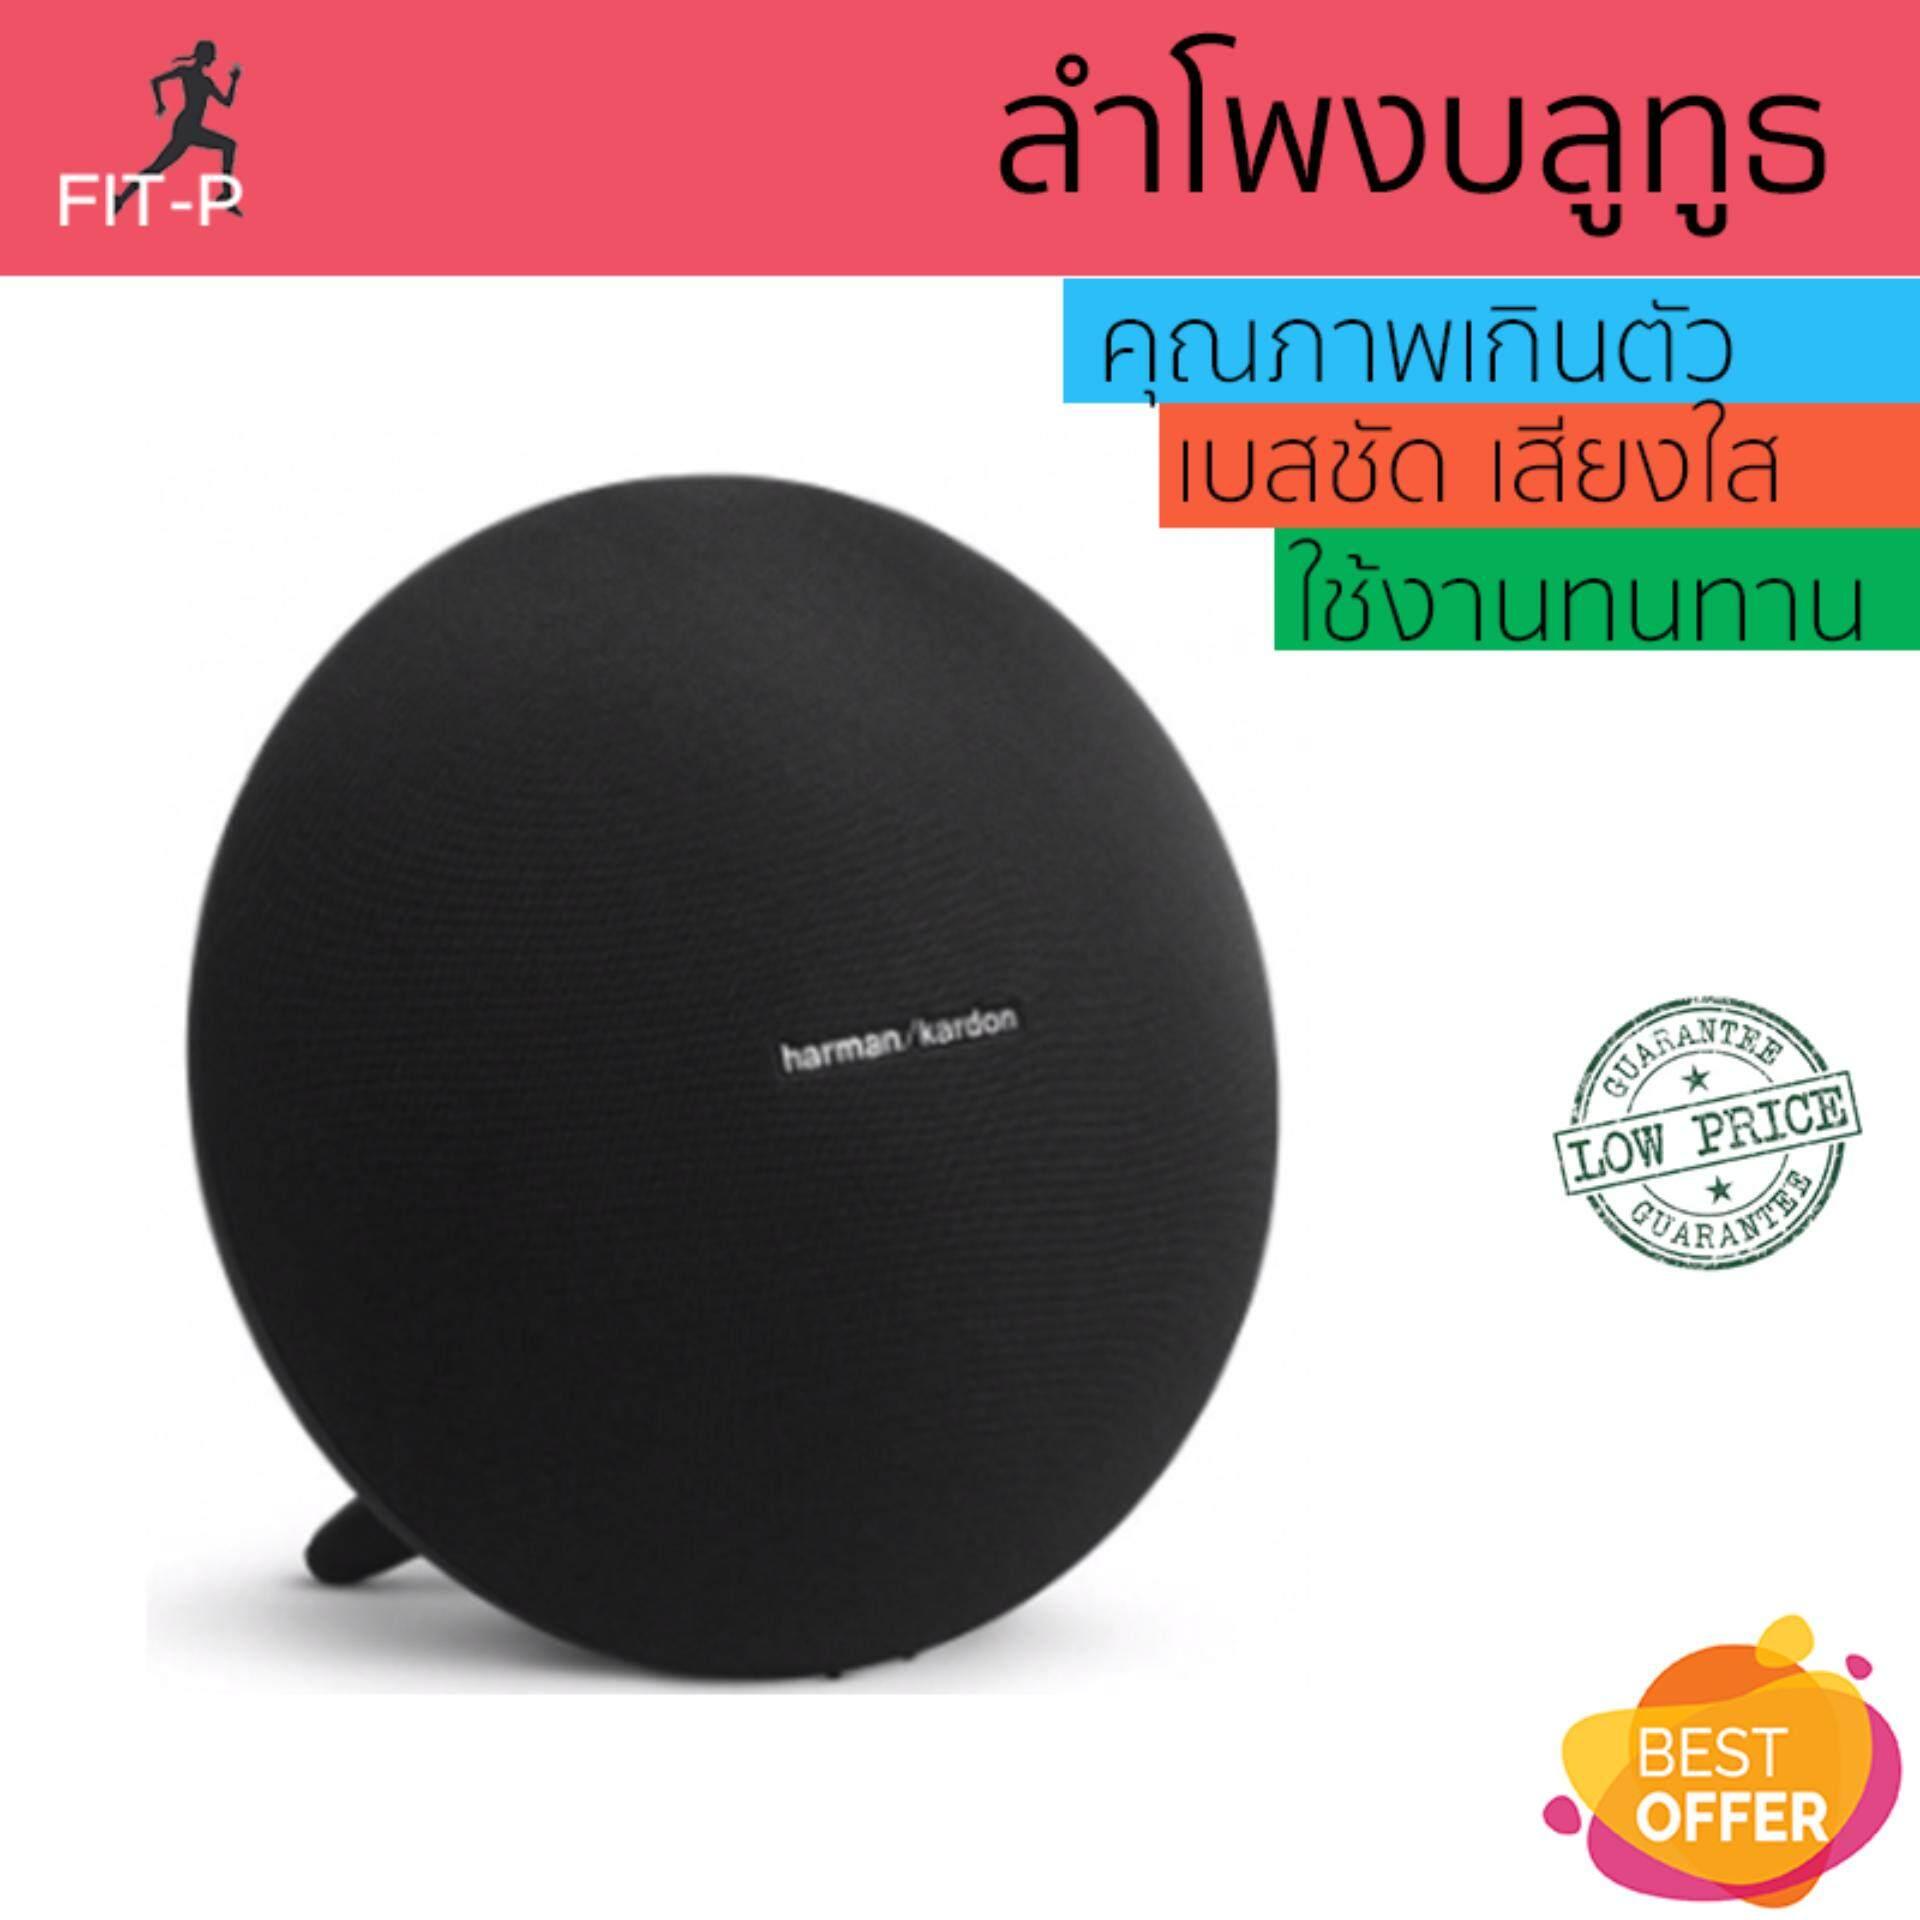 ยี่ห้อไหนดี  พะเยา จัดส่งฟรี ลำโพงบลูทูธ  Harman Kardon Bluetooth Speaker 2.1 Onyx Studio4 Black เสียงใส คุณภาพเกินตัว Wireless Bluetooth Speaker รับประกัน 1 ปี